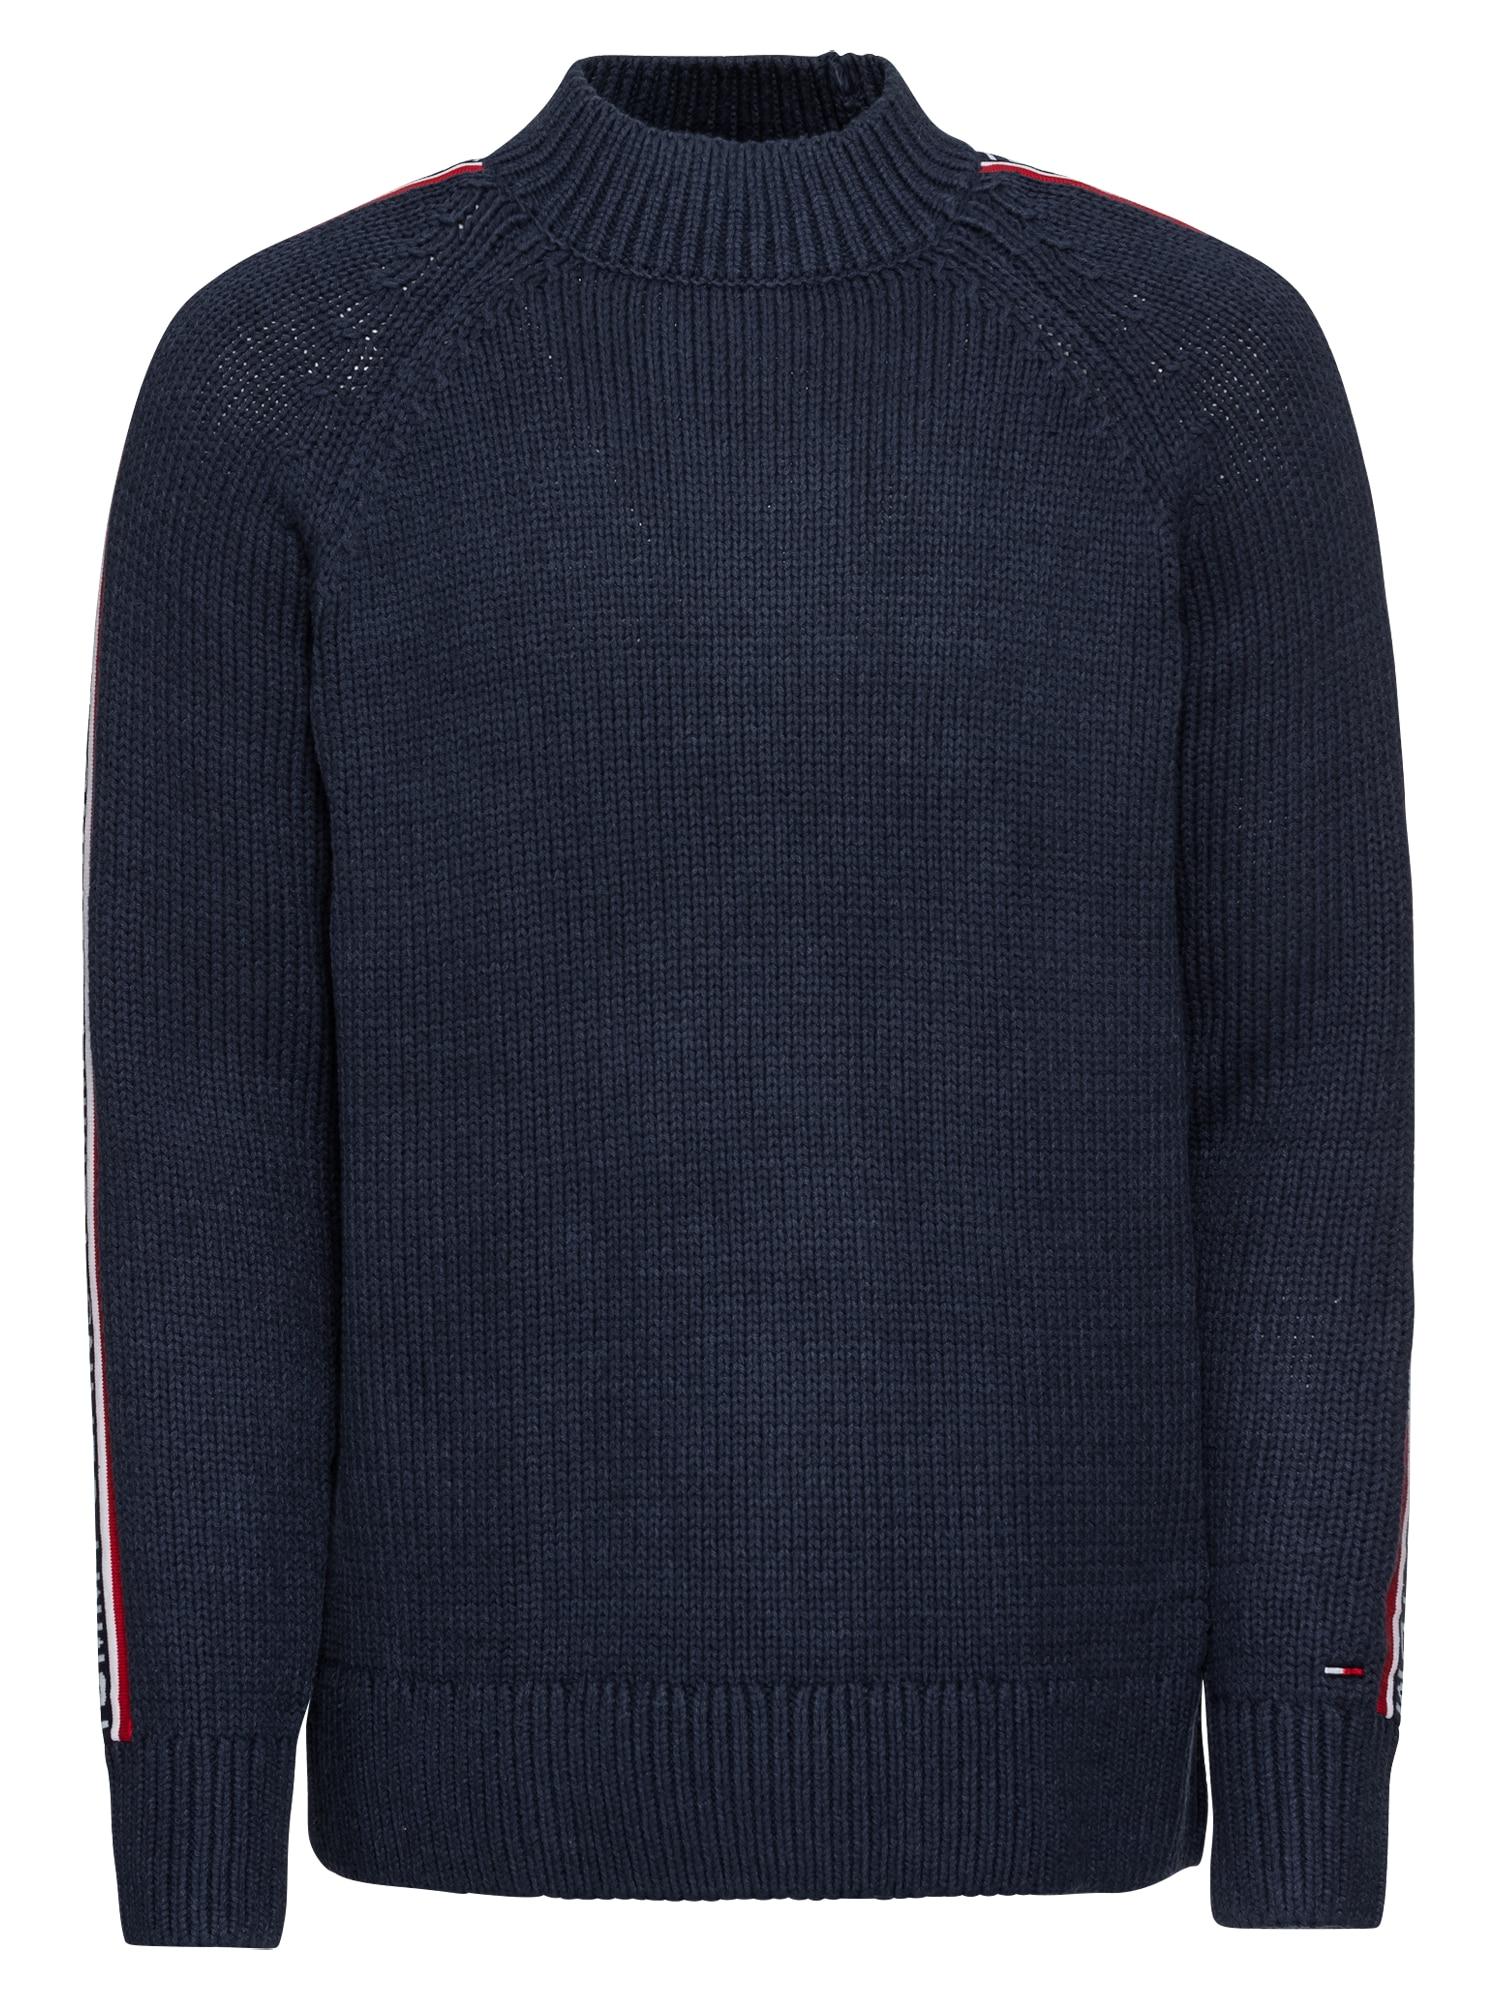 Svetr TJM TOMMY TAPE SWEATER tmavě modrá Tommy Jeans